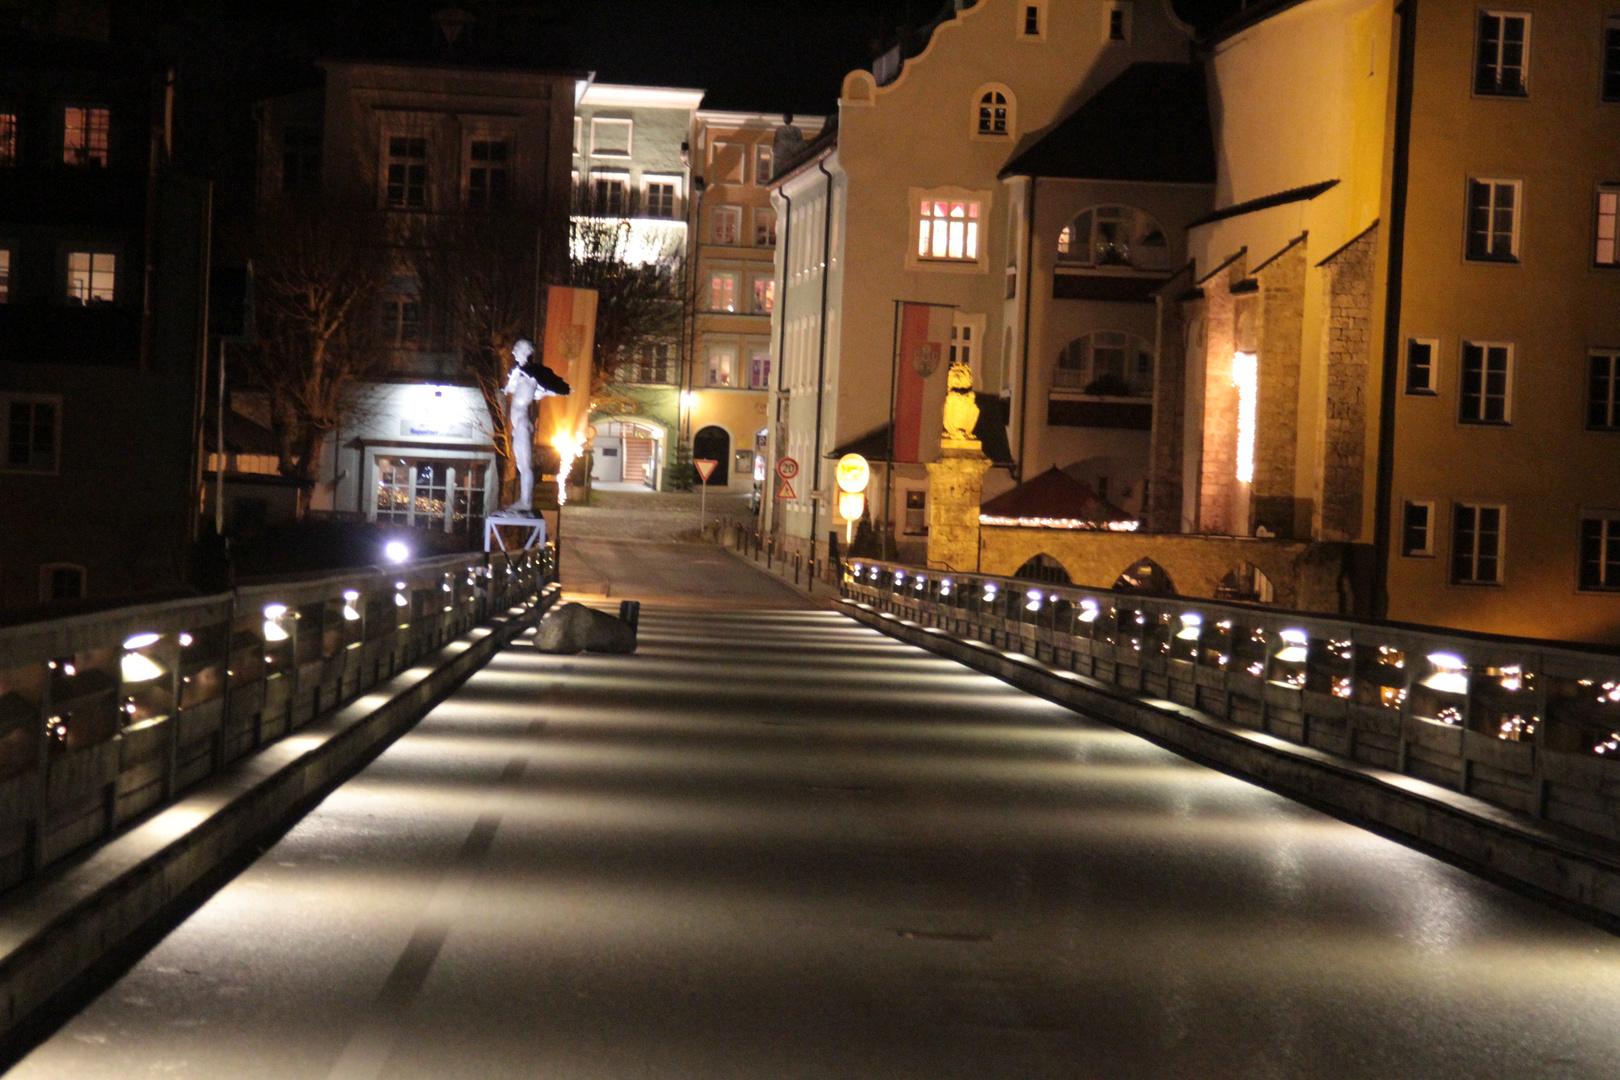 In Burghausen